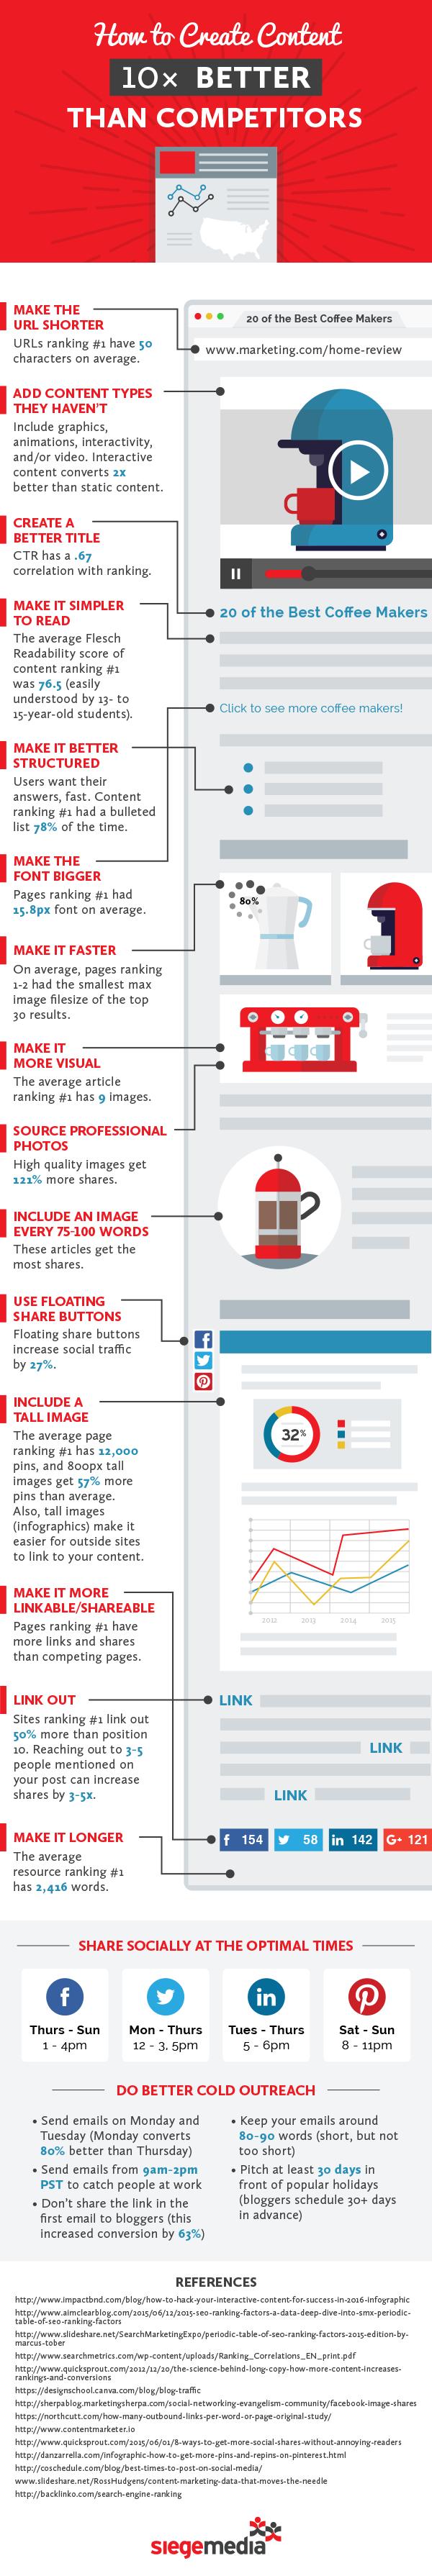 Cómo crear contenido 10 veces mejor que tu competencia